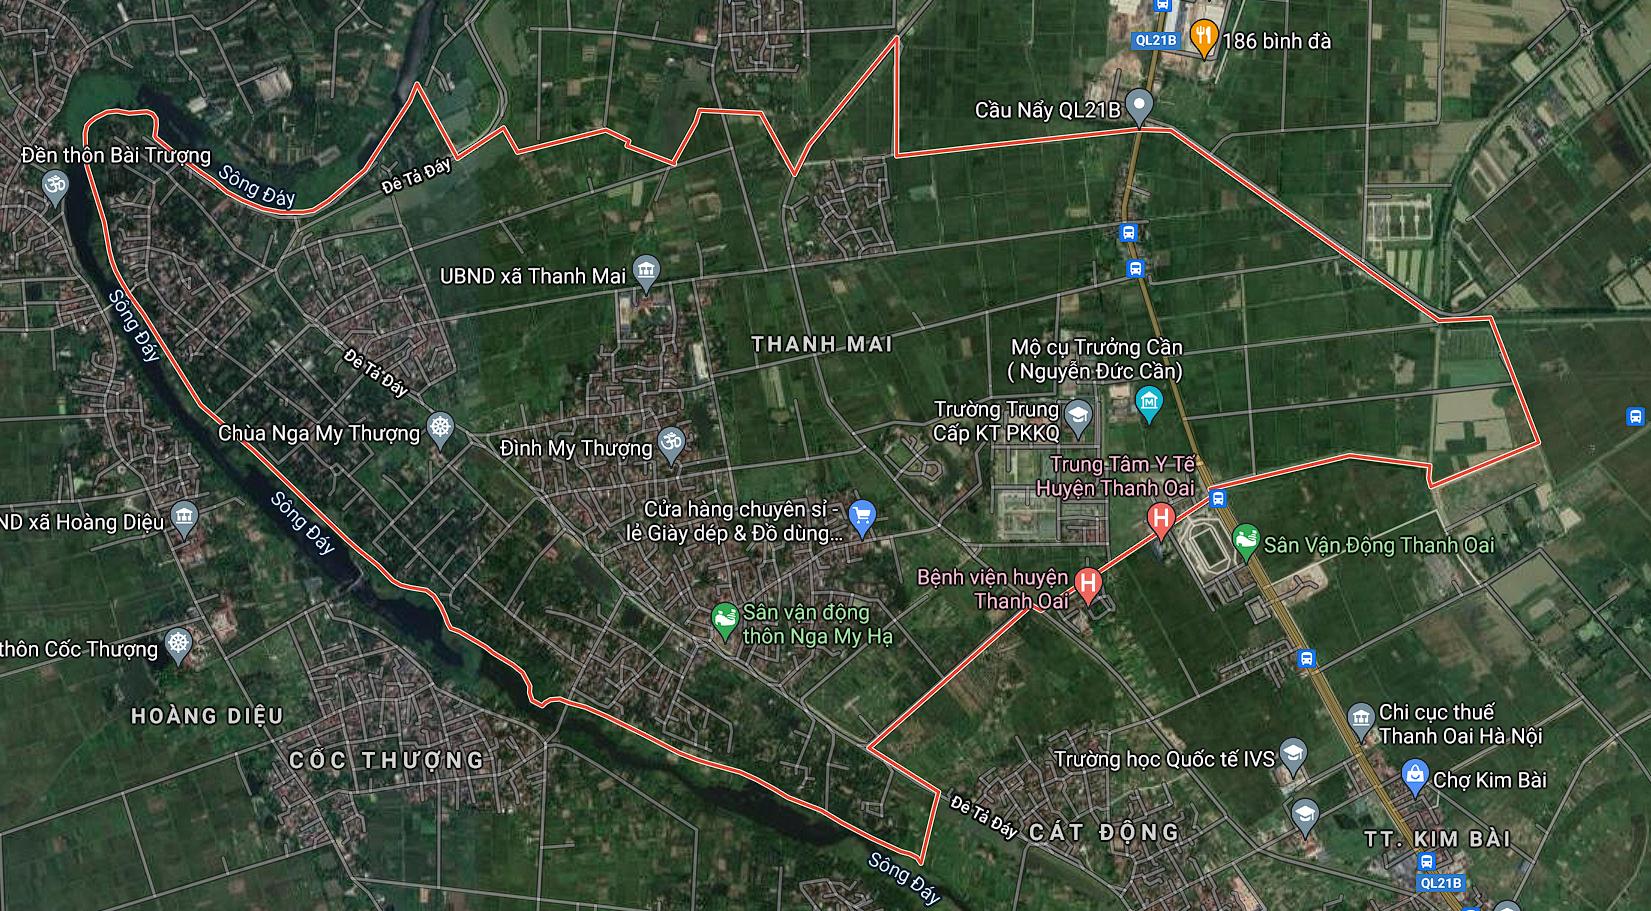 Bản đồ quy hoạch sử dụng đất xã Thanh Mai, Thanh Oai, Hà Nội - Ảnh 1.